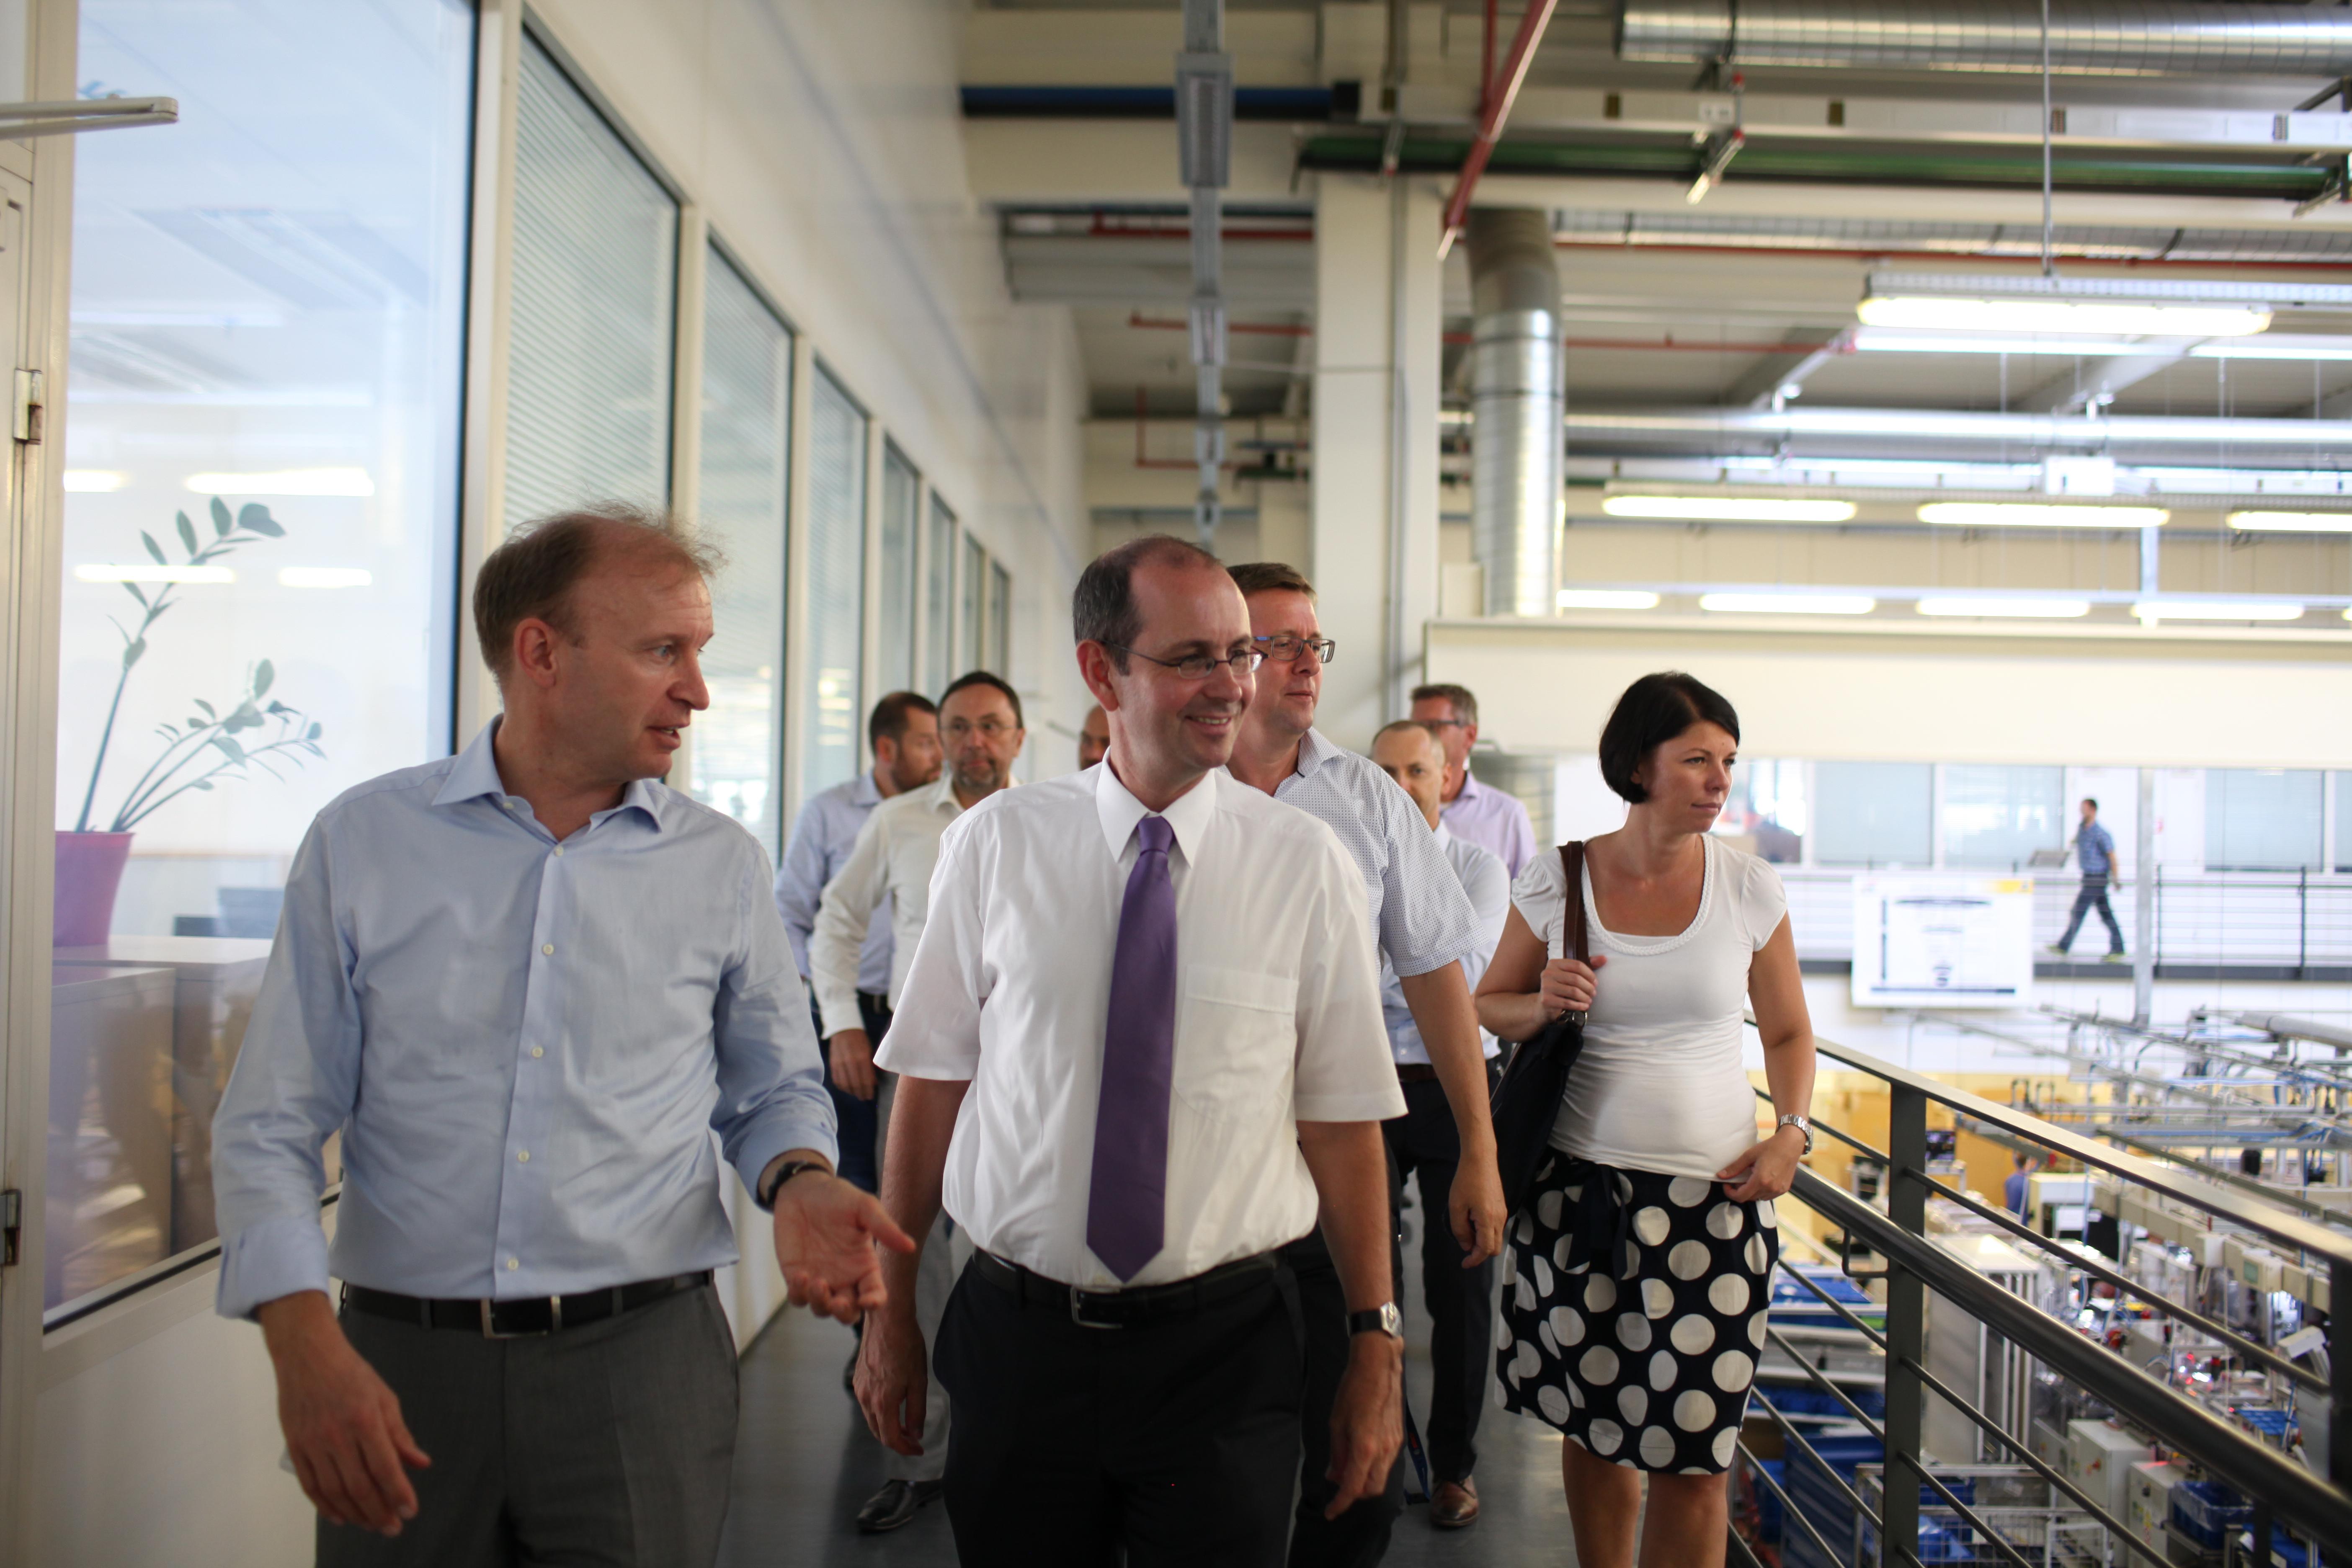 Exkurze do výrobních hal – zleva Kai Frericks, Dr. Christoph Israng